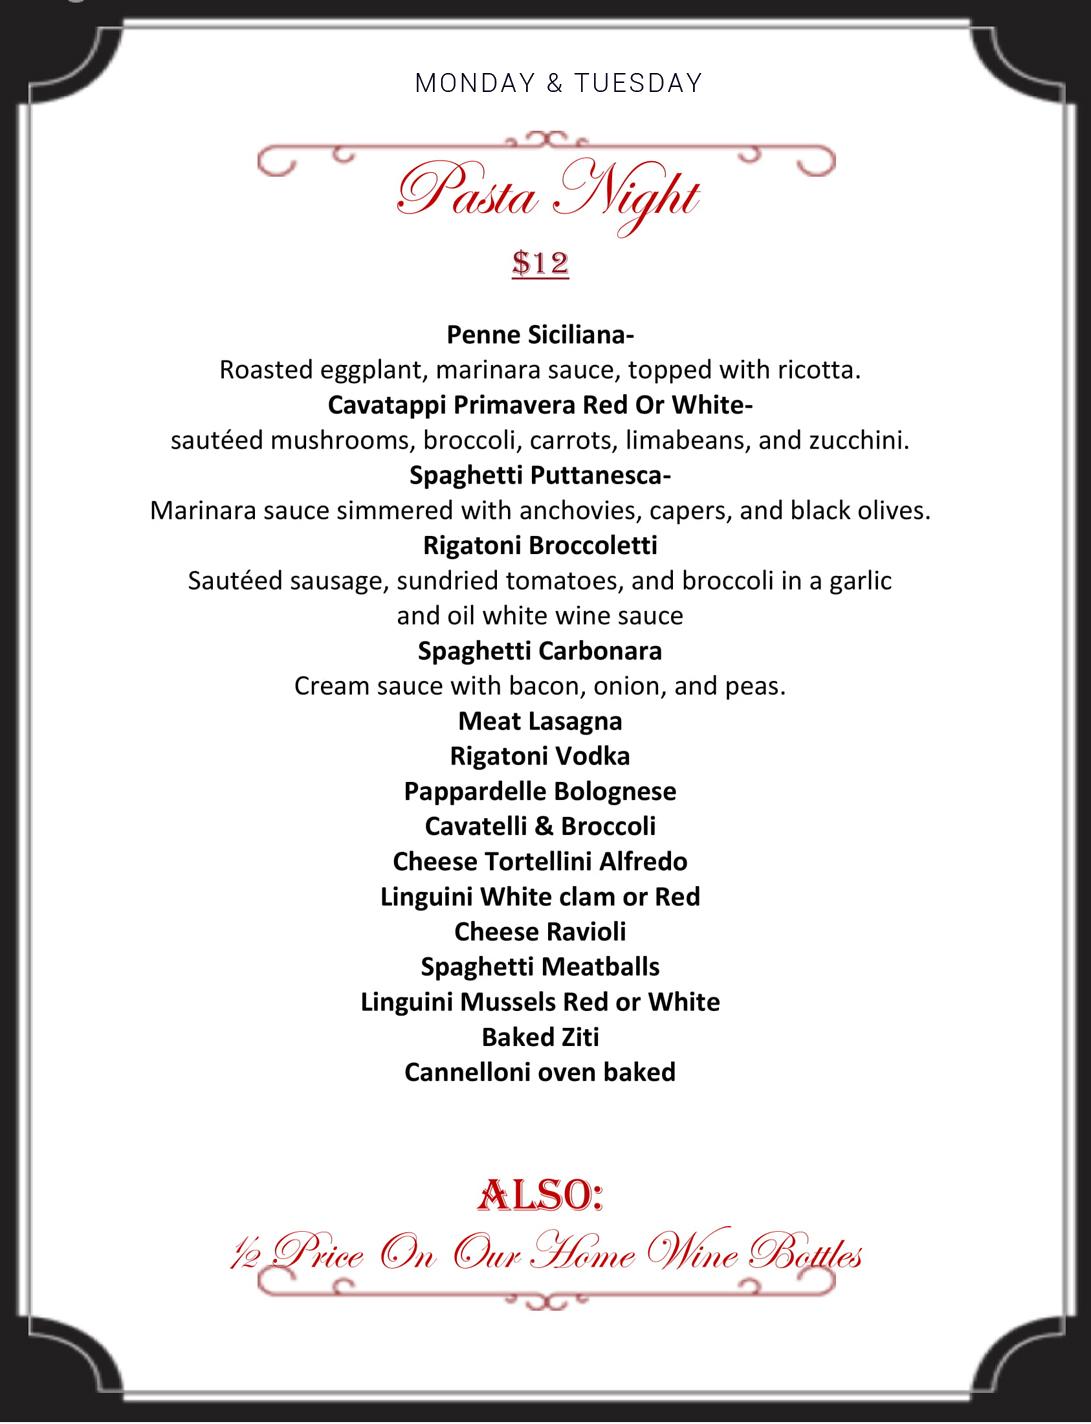 pasta night menu at Ciro's Ristorante NJ